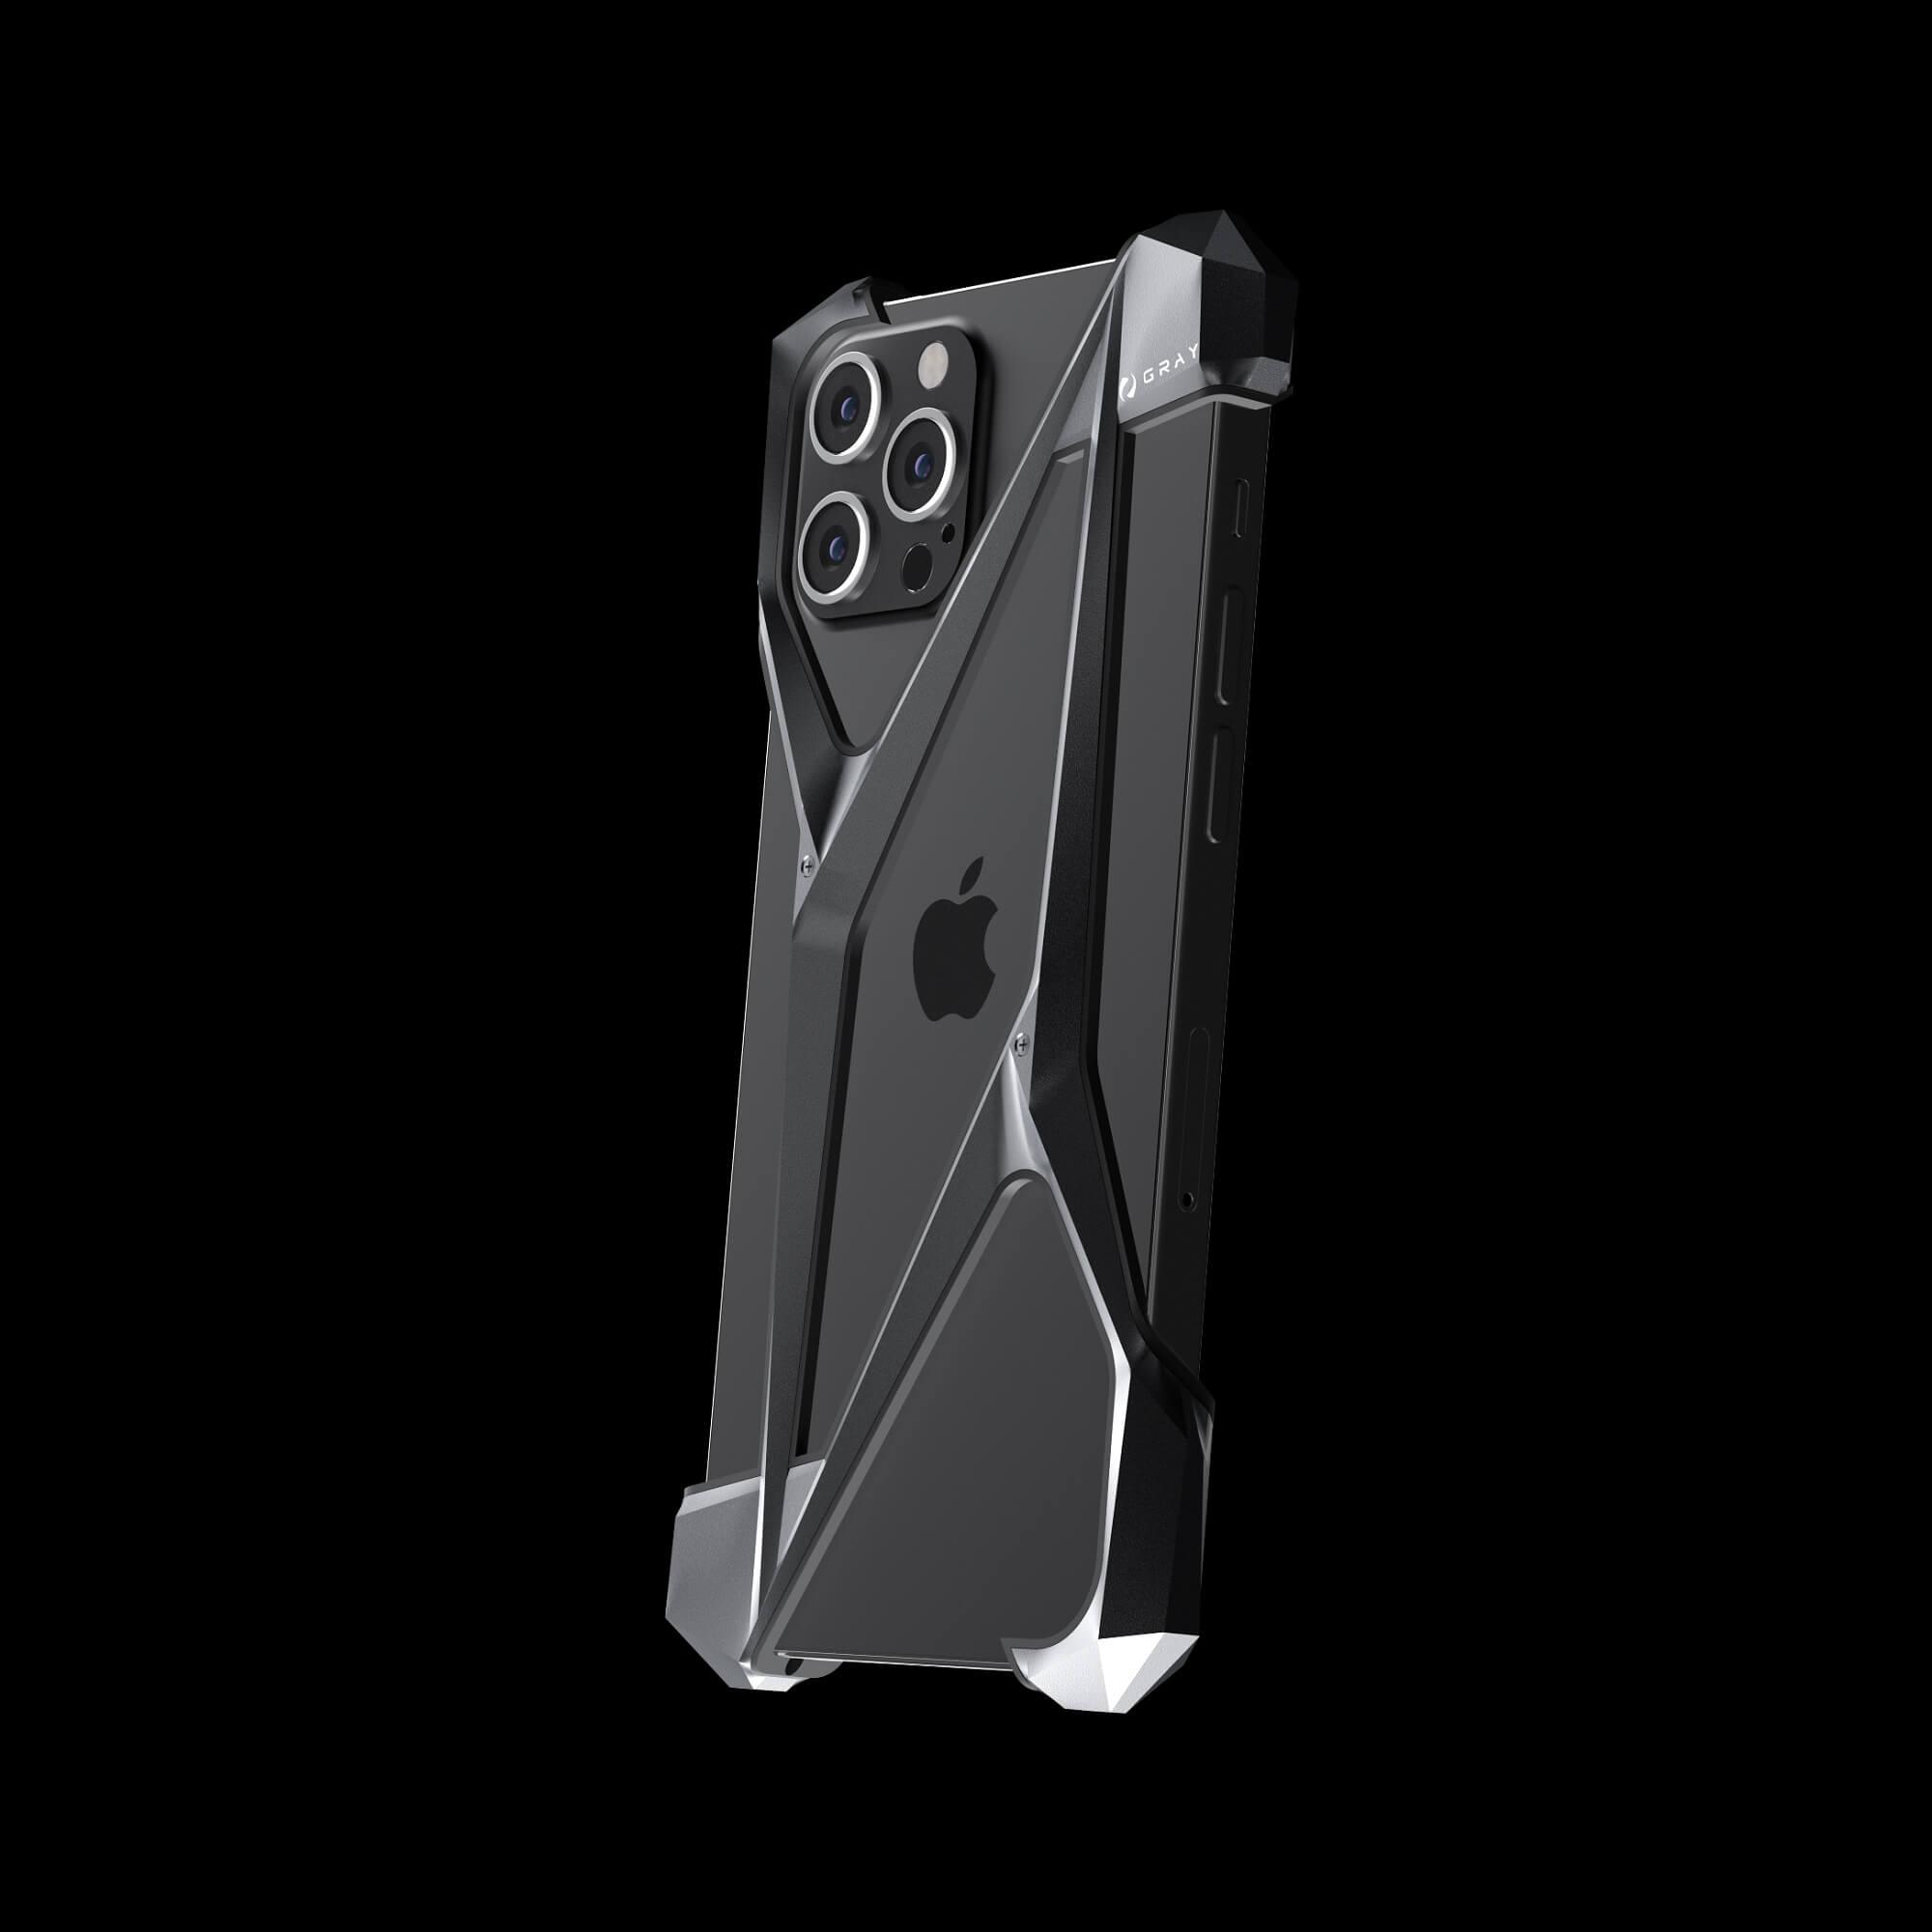 alter ego space gray aluminium metal luxury iPhone 12 pro case